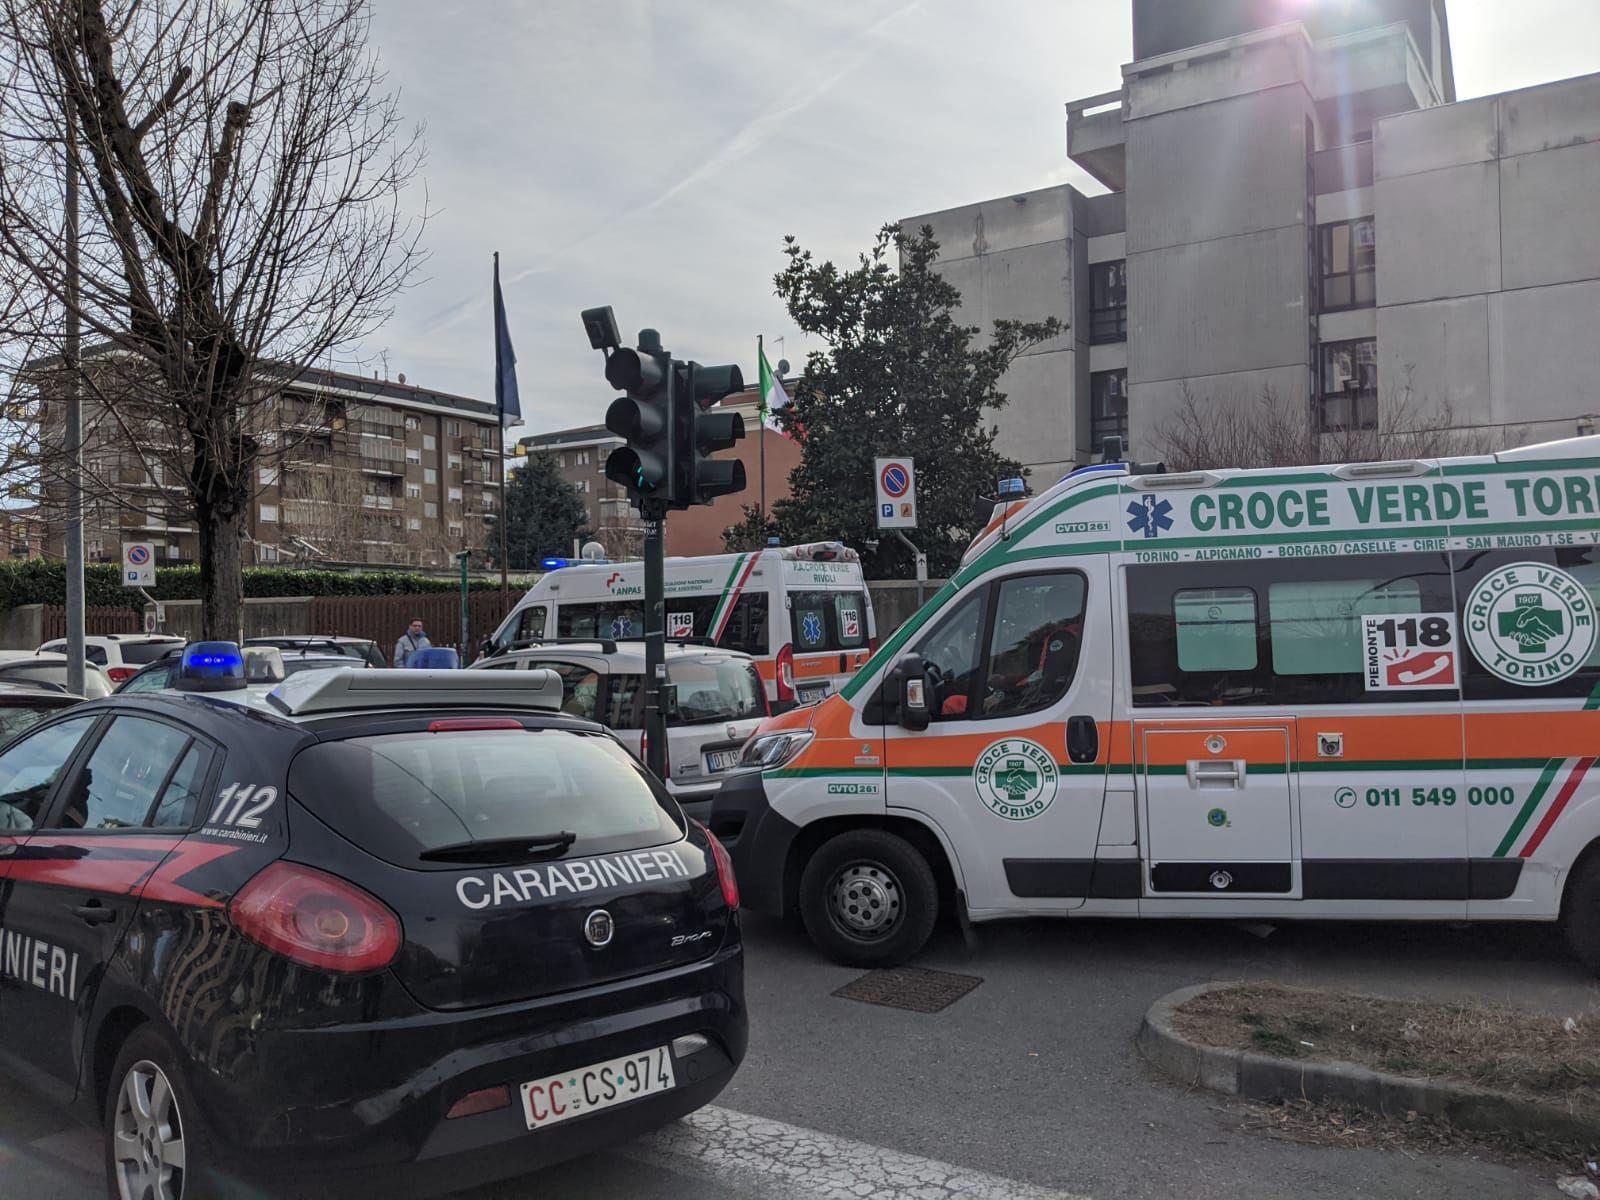 RIVAROSSA - 65enne va all'Inps di Collegno e minaccia di darsi fuoco